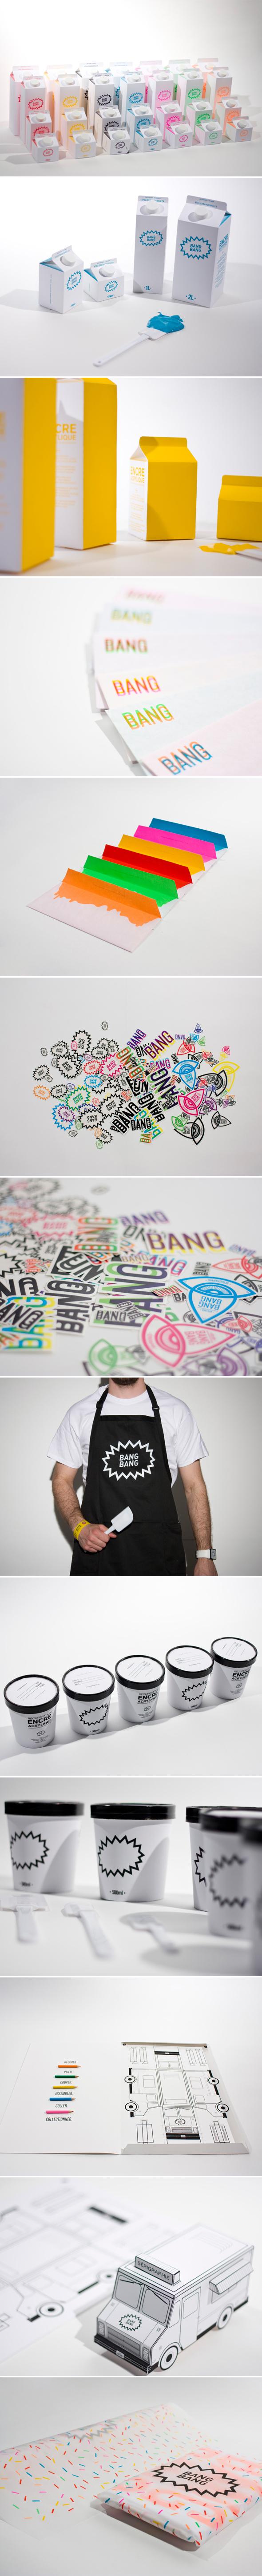 Atelier Bang Bang 2 6 Atelier BangBang : le nouveau visage du graphisme canadien